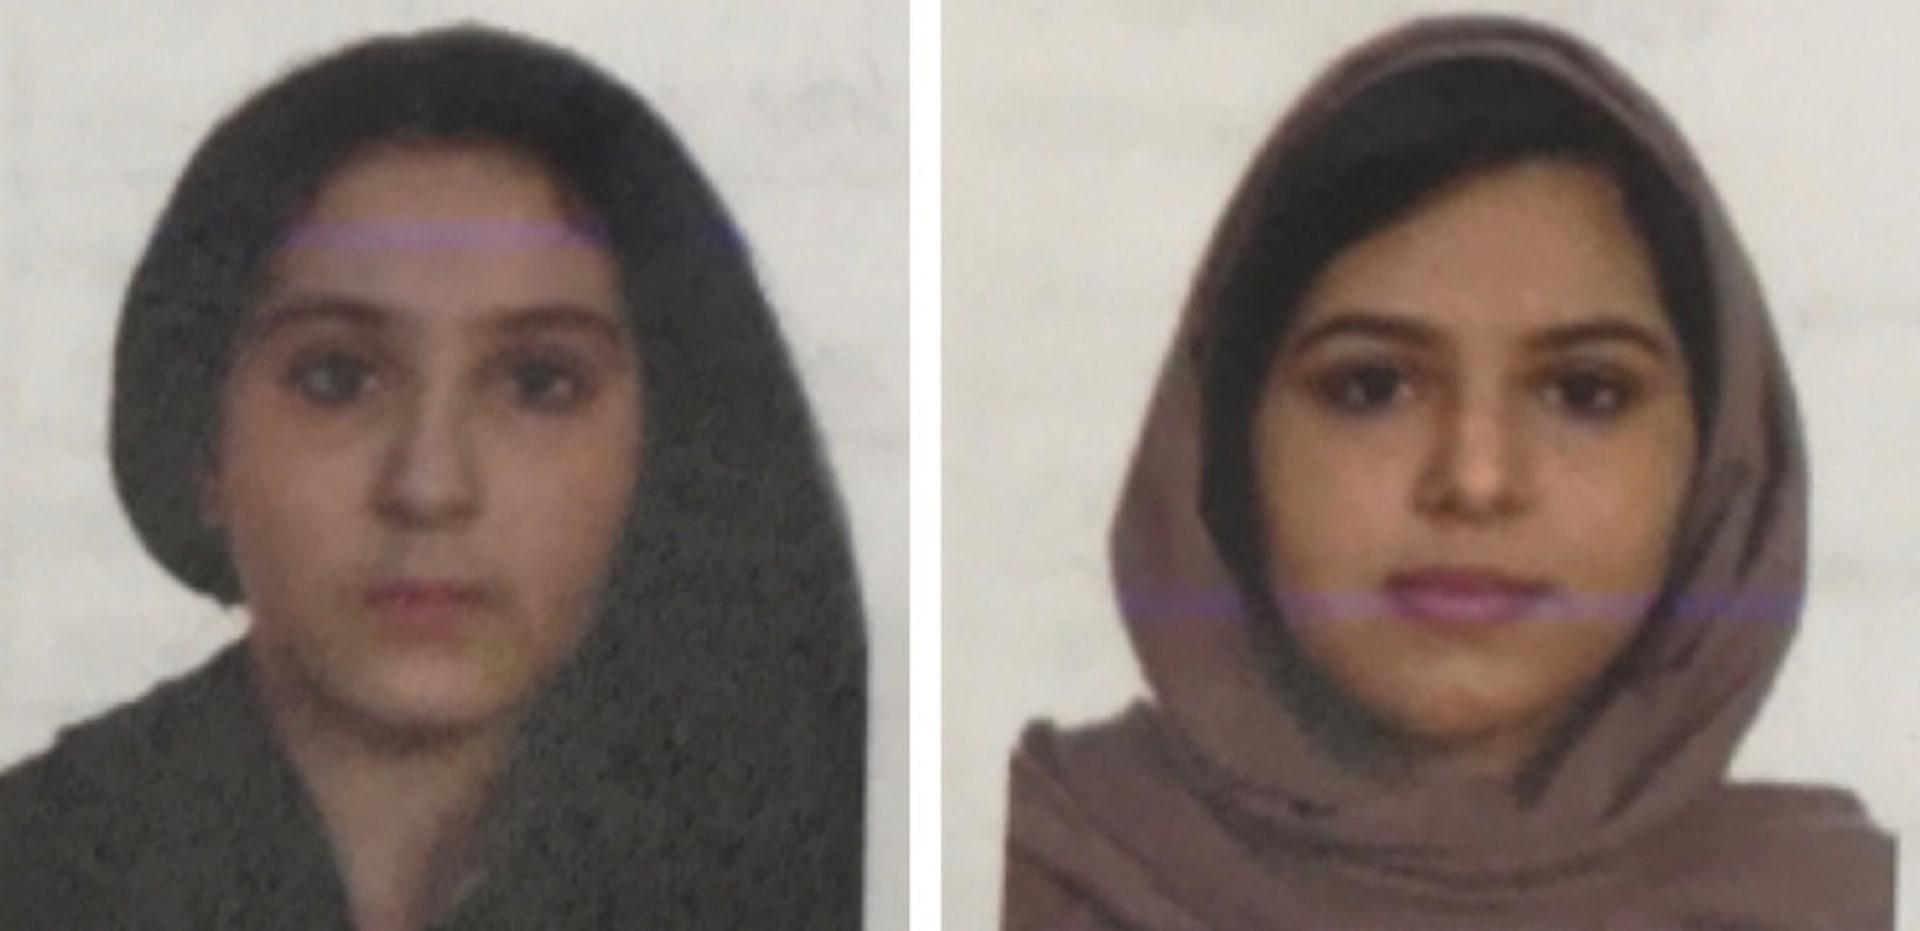 متحدثة السفارة السعودية بواشنطن عن موت الشقيقتين: التفاصيل قيد التحقيق